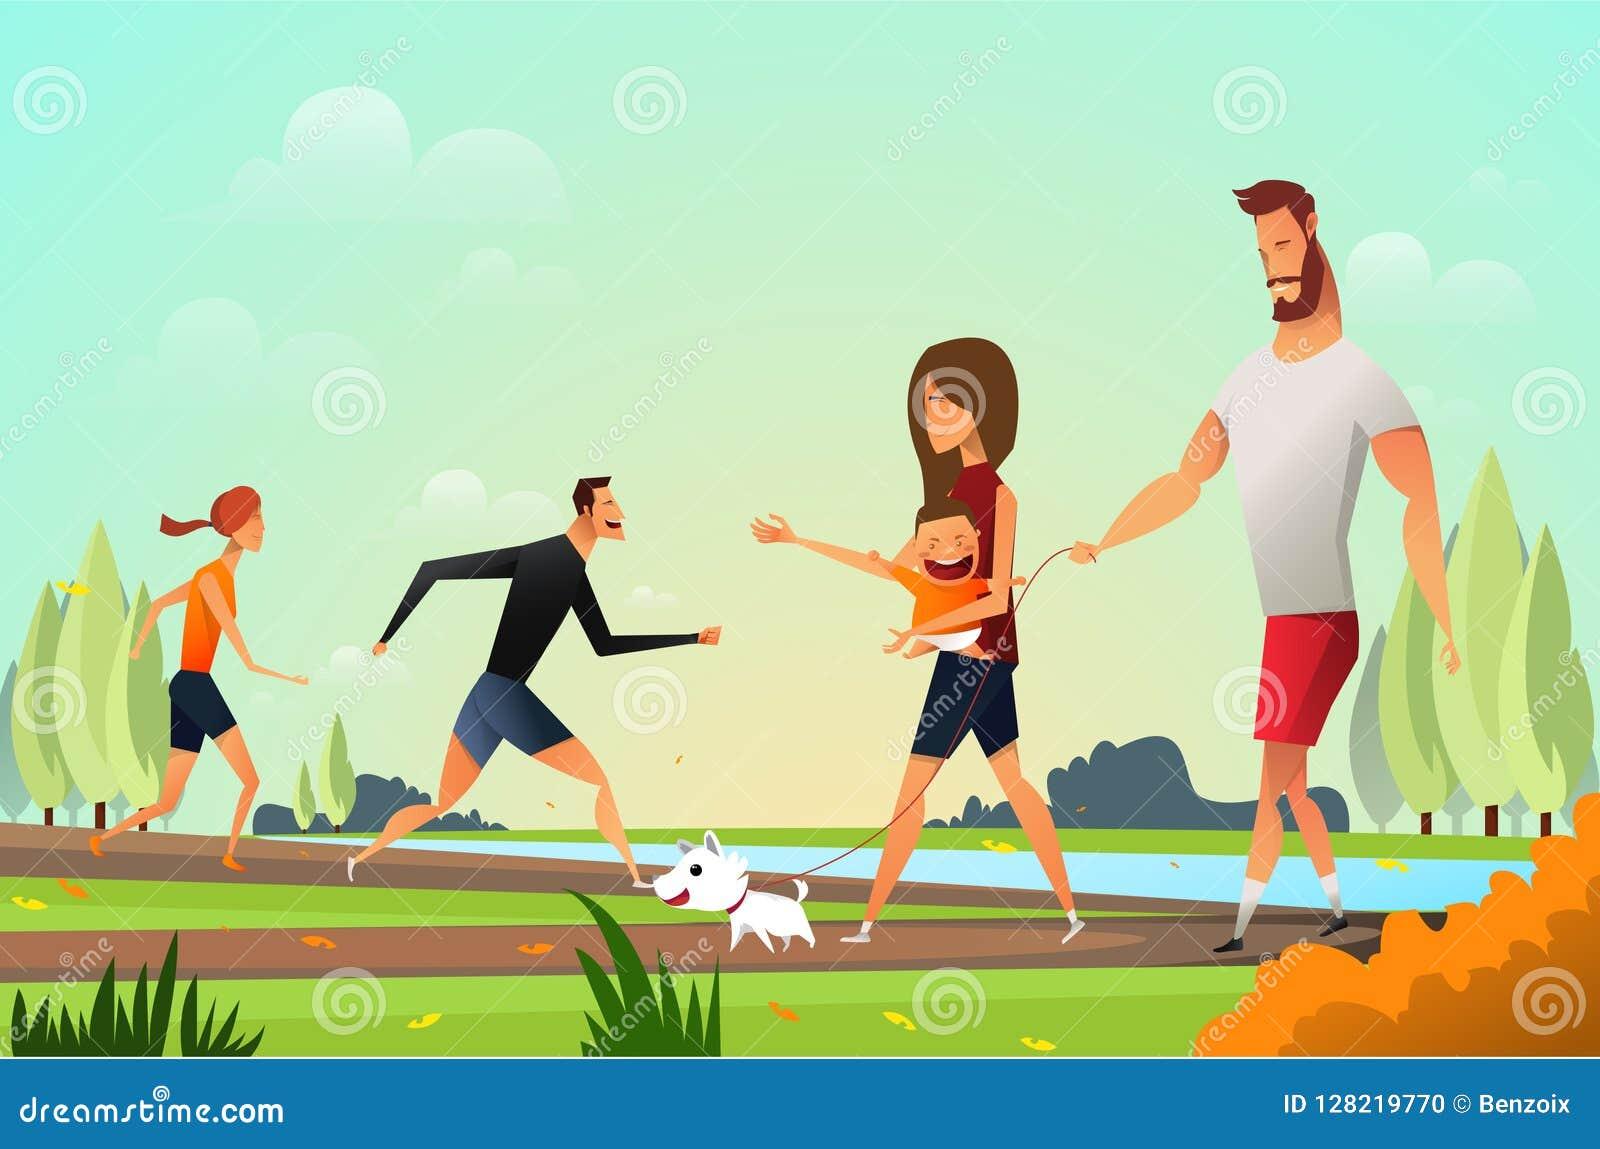 Ευτυχής νέα οικογένεια με ένα μικρό σκυλί στο πάρκο και το νέο περπάτημα ανθρώπων ζευγών Πατέρας και moter στο πάρκο υπαίθριος